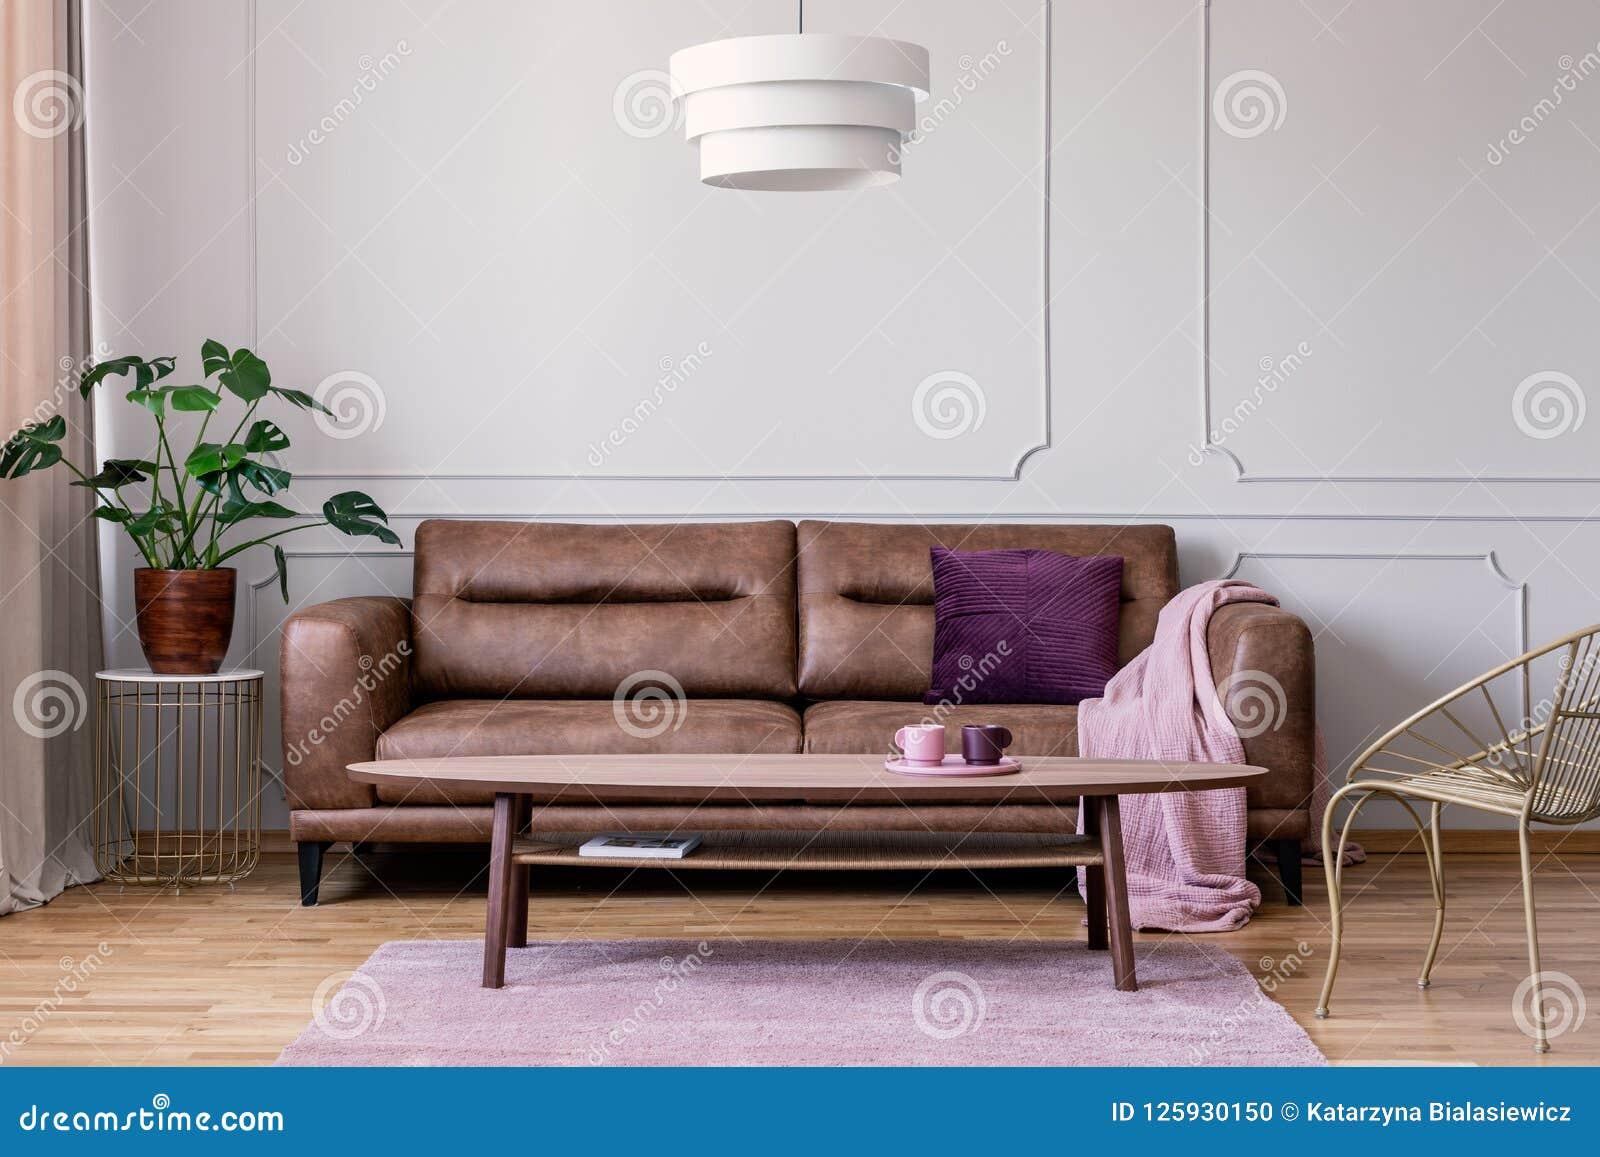 Vraie photo de sofa en cuir brun avec la position couvrante de coussin violet et de rose en pastel dans l intérieur gris-clair de